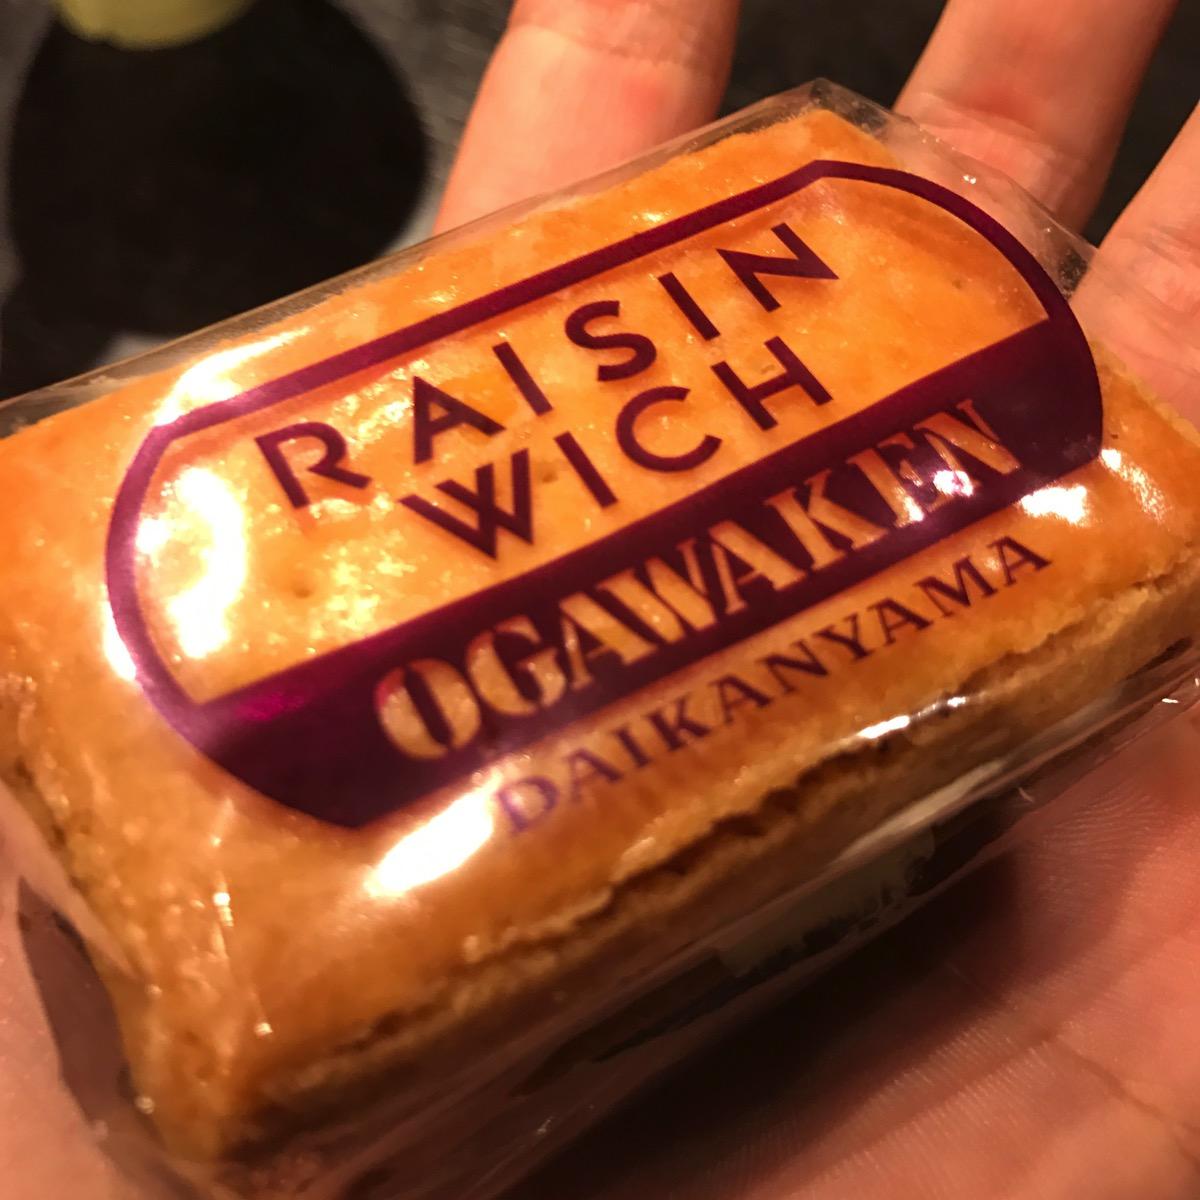 RAISIN WICH 代官山限定のクッキー1